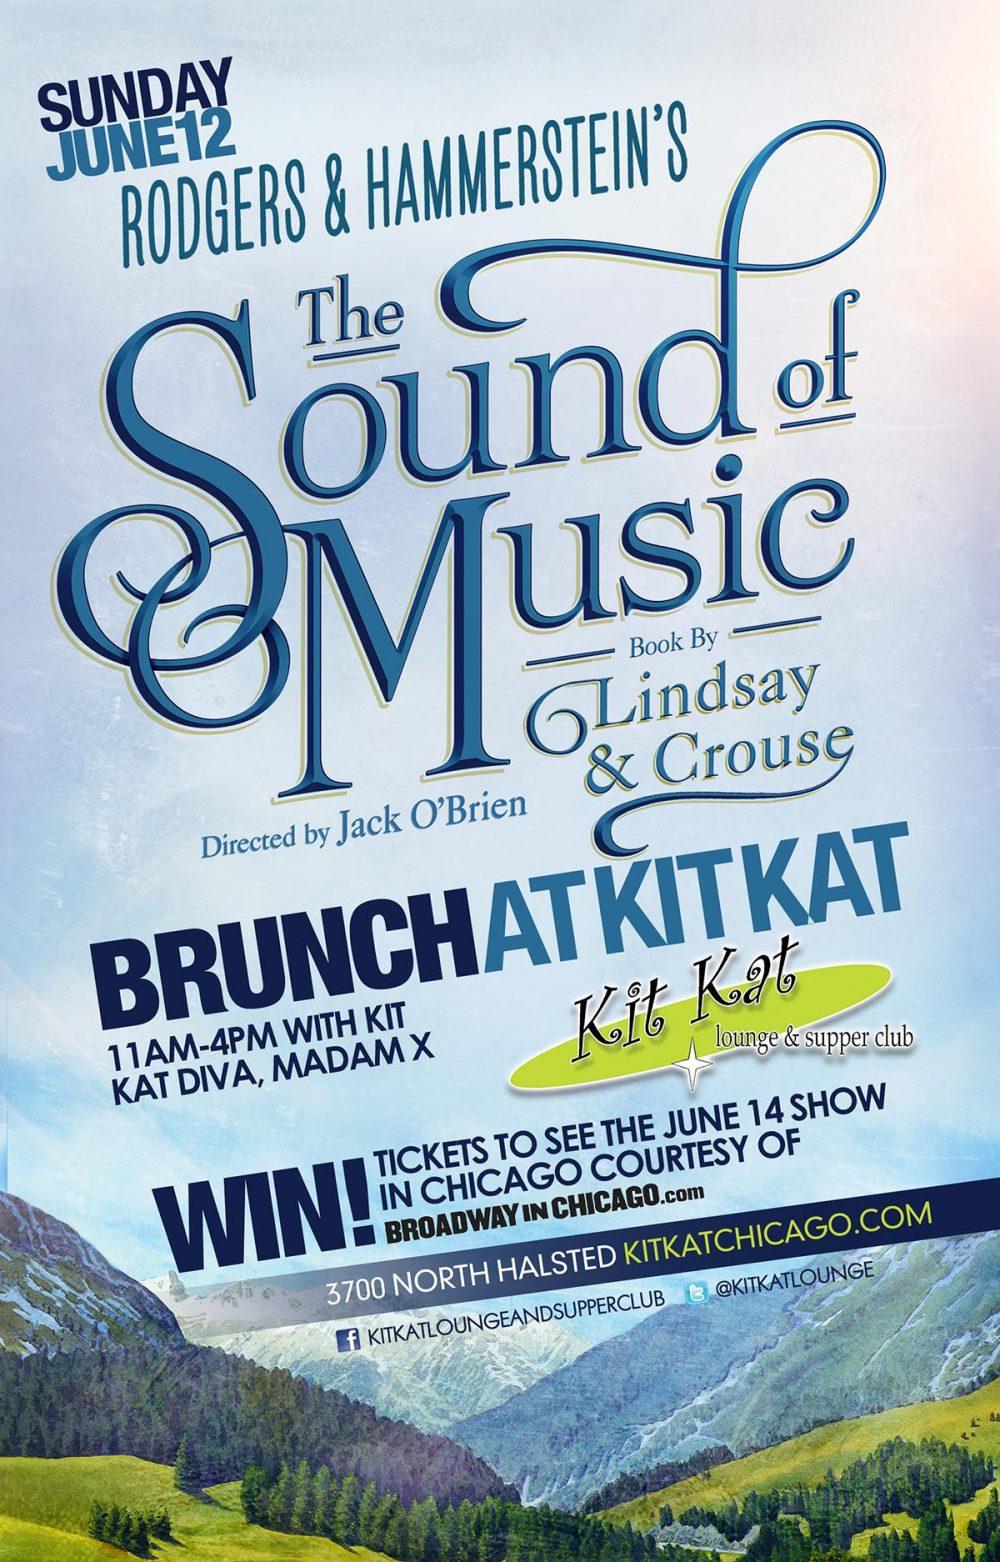 KitKatSoundofMusicBrunchProof1